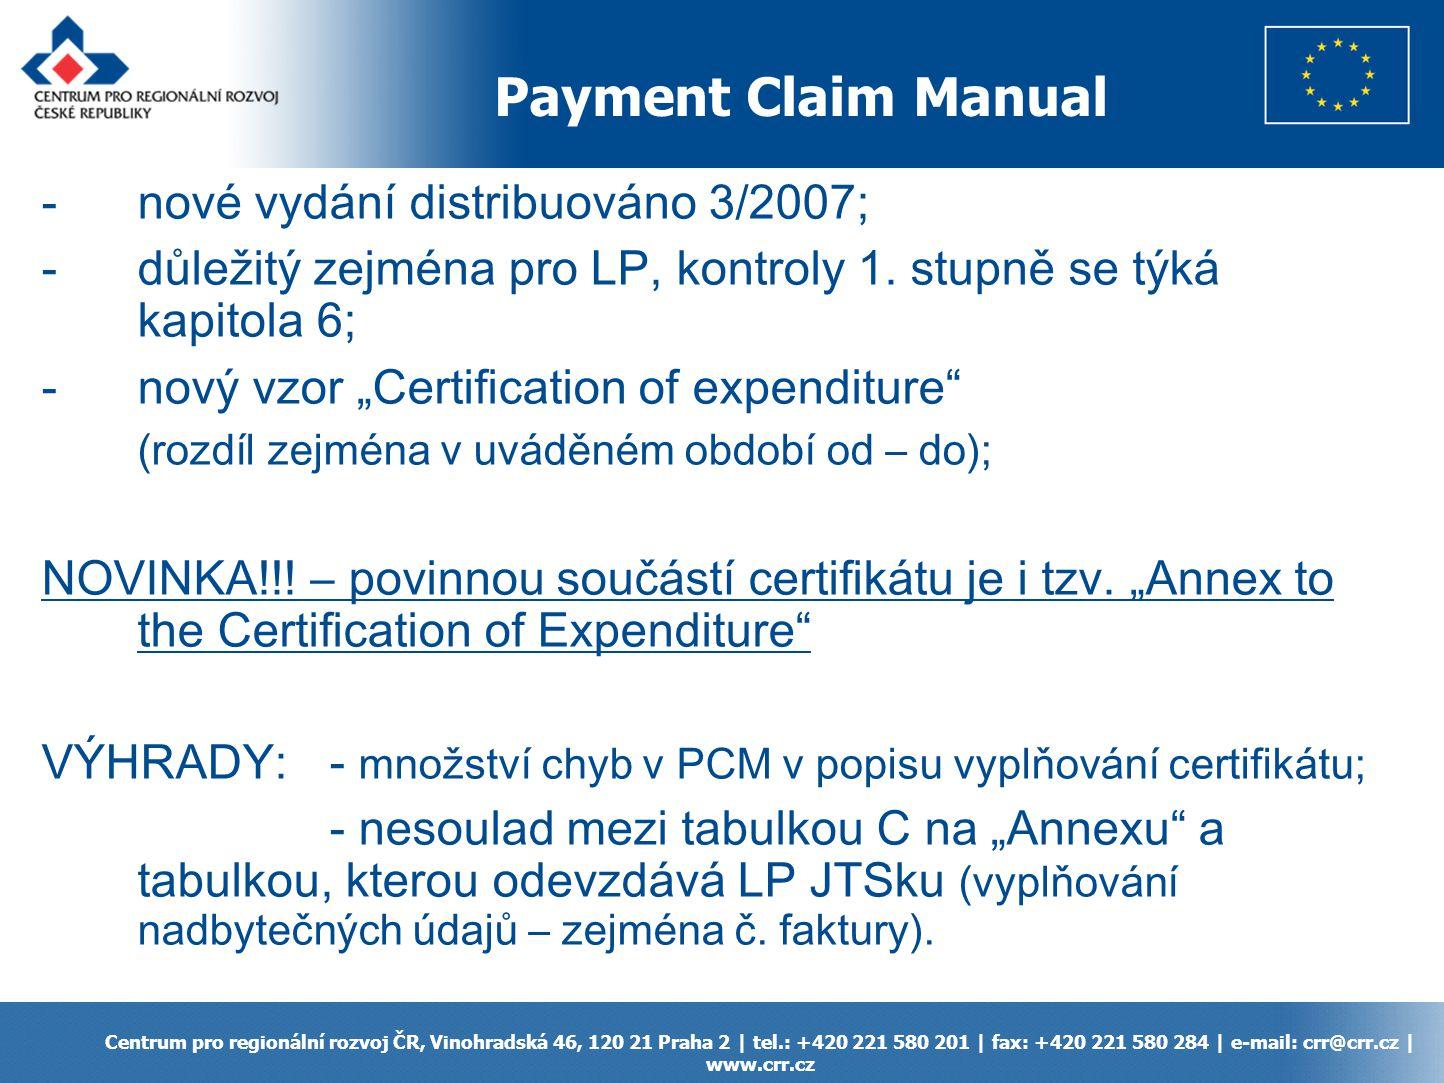 Payment Claim Manual Centrum pro regionální rozvoj ČR, Vinohradská 46, 120 21 Praha 2 | tel.: +420 221 580 201 | fax: +420 221 580 284 | e-mail: crr@c